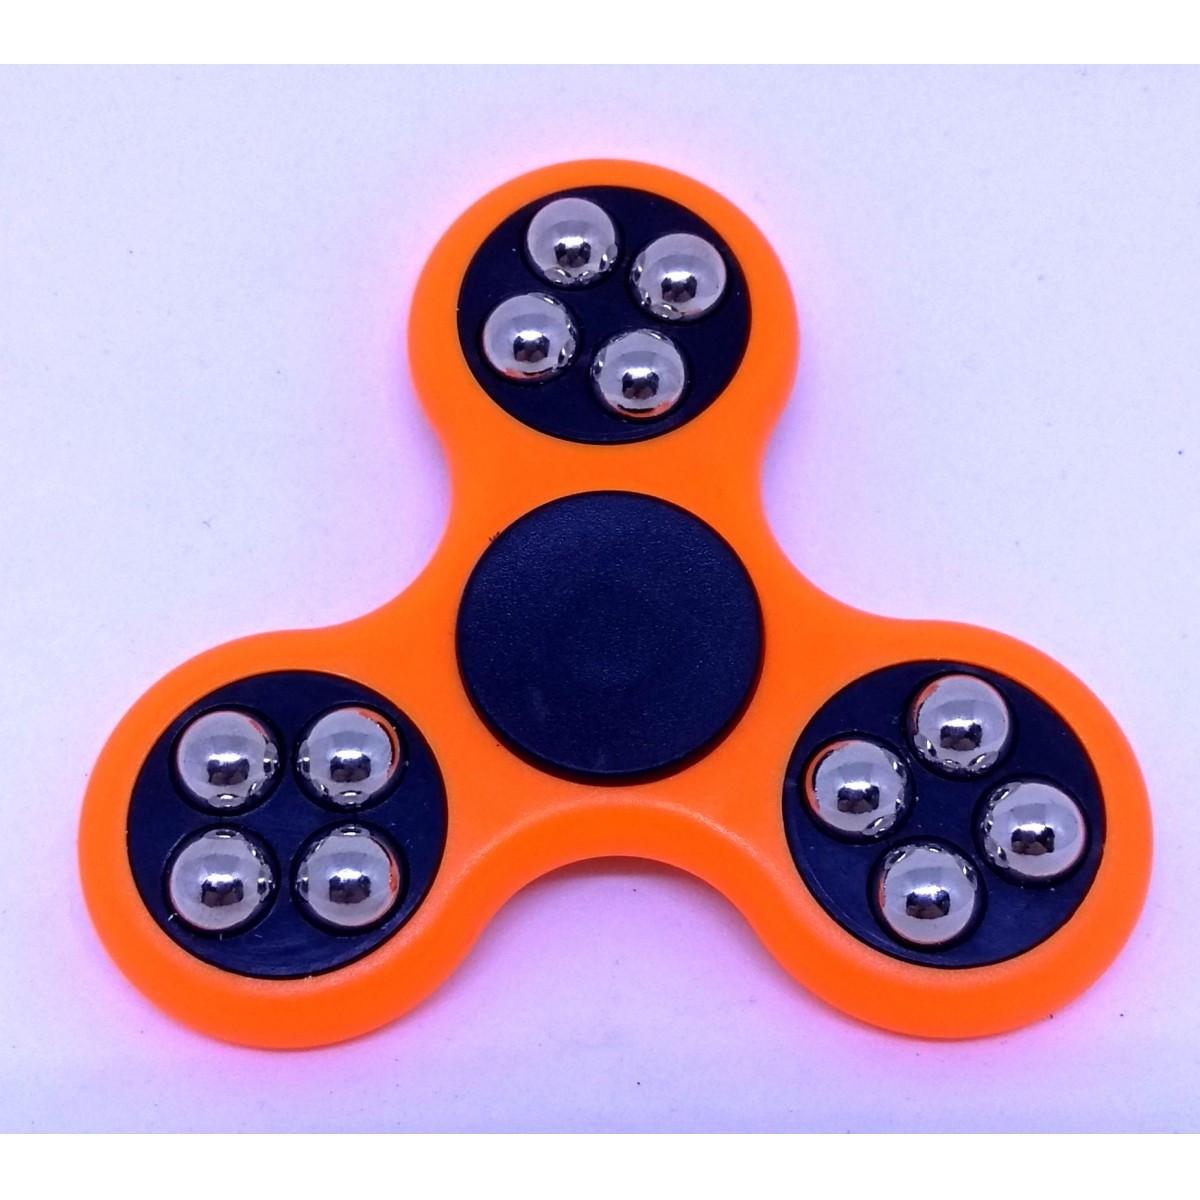 Hand Spinner com bolinhas Laranja e Preto - Rolamento Anti Estresse Fidget Hand Spinner